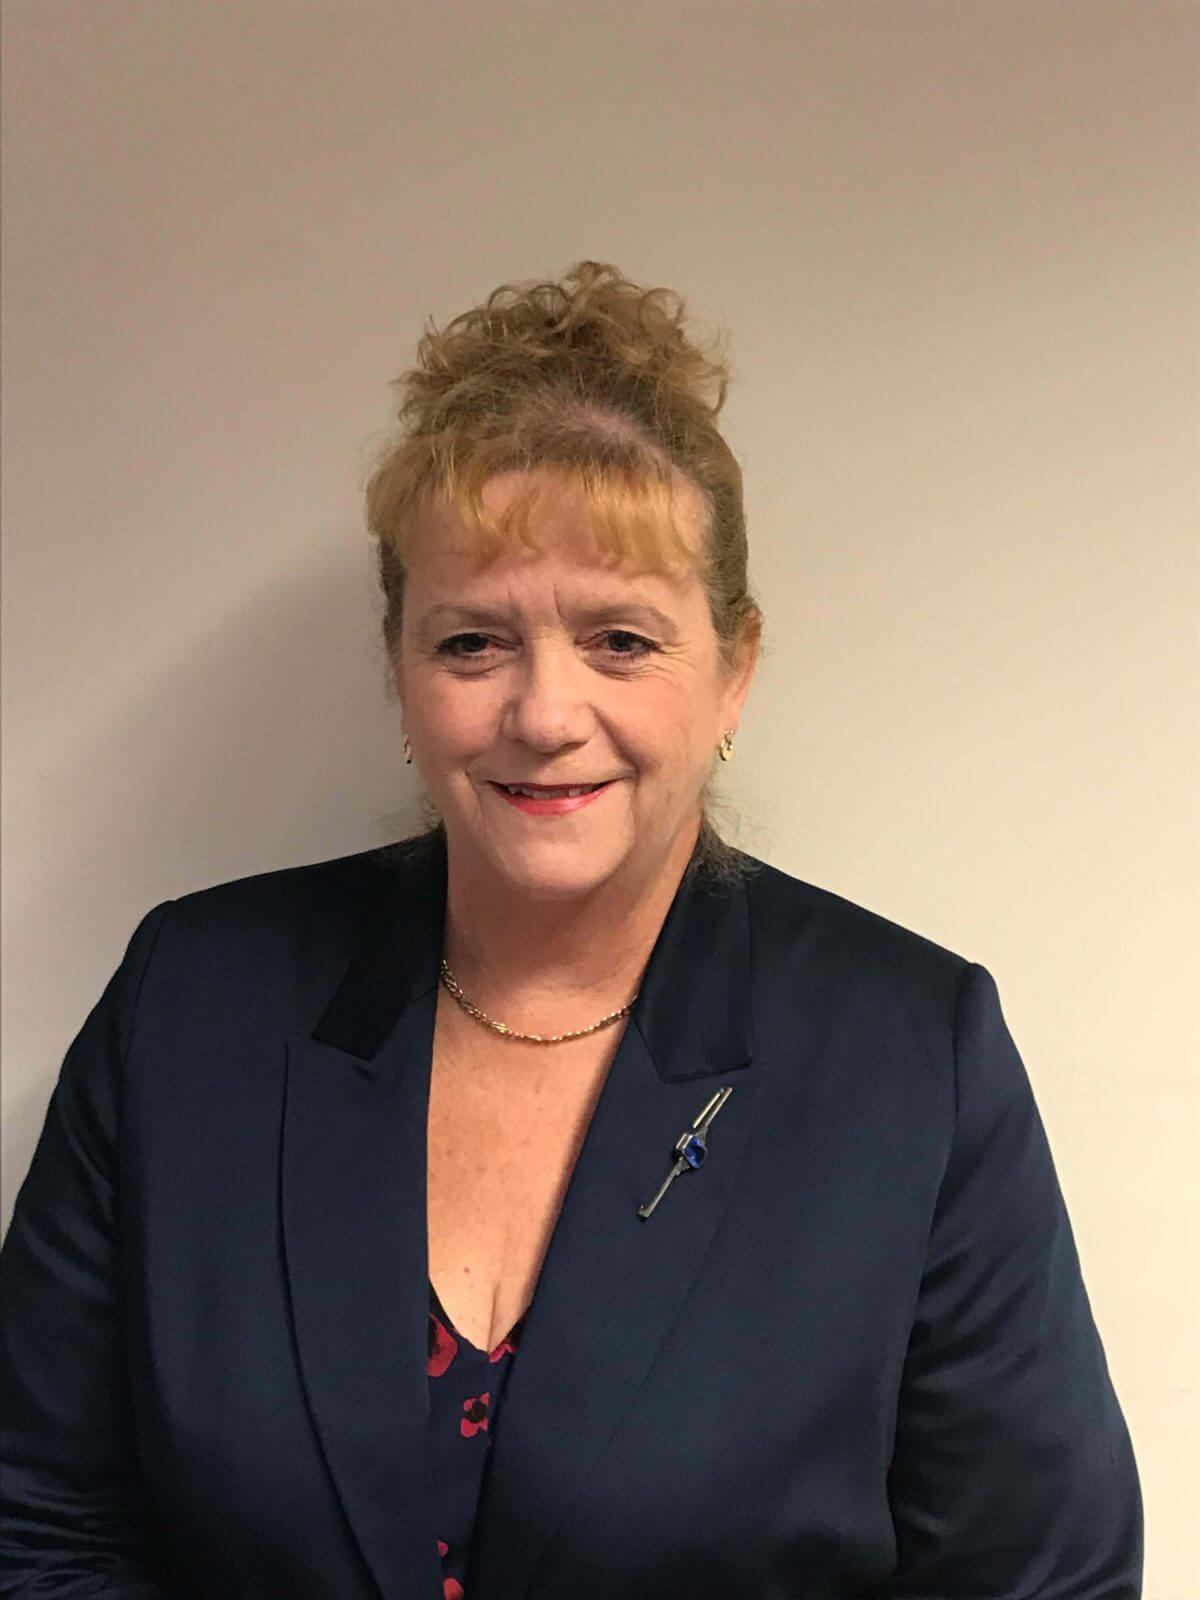 Rosemary J Clegg